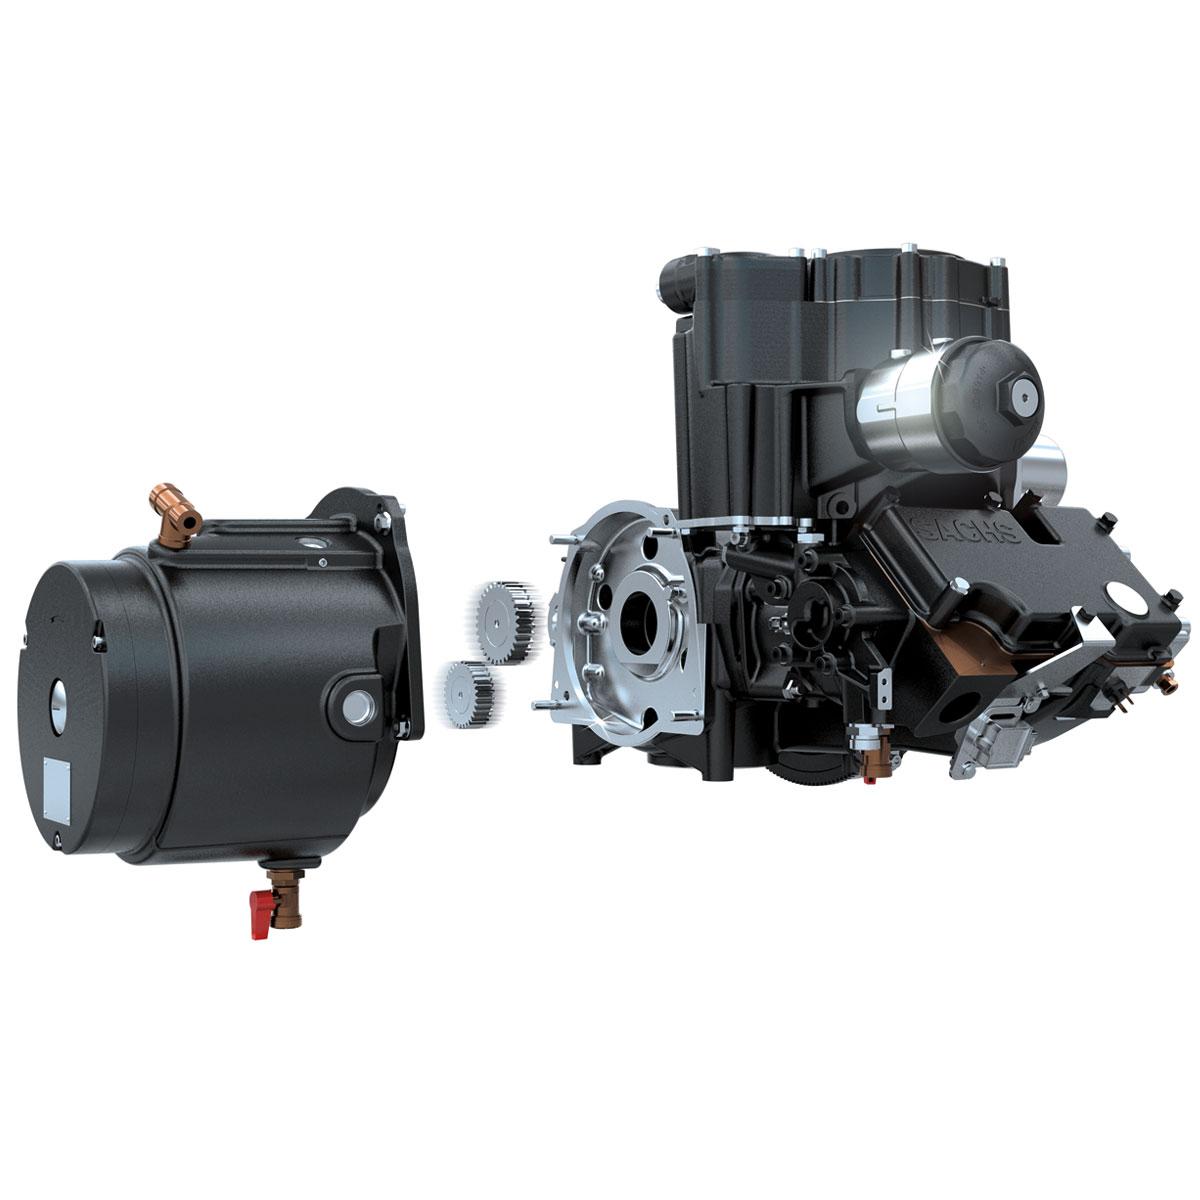 KWK BHKW Senertec Dachs Motor mit Dynamo / www.derdachs.de